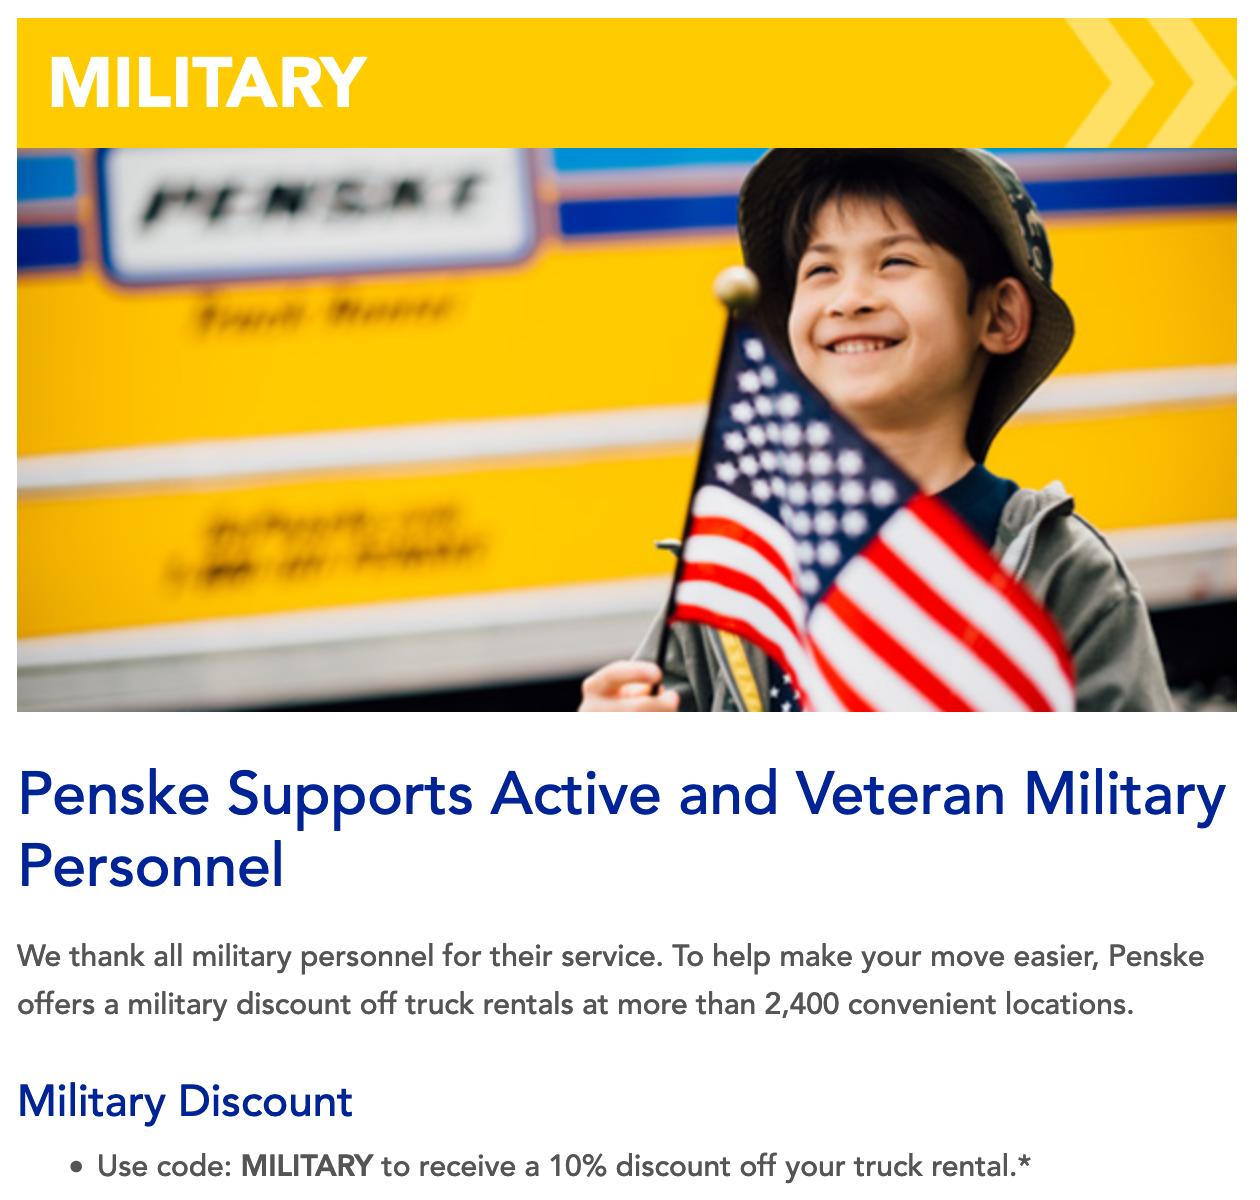 Penske Military Veteran Discounts